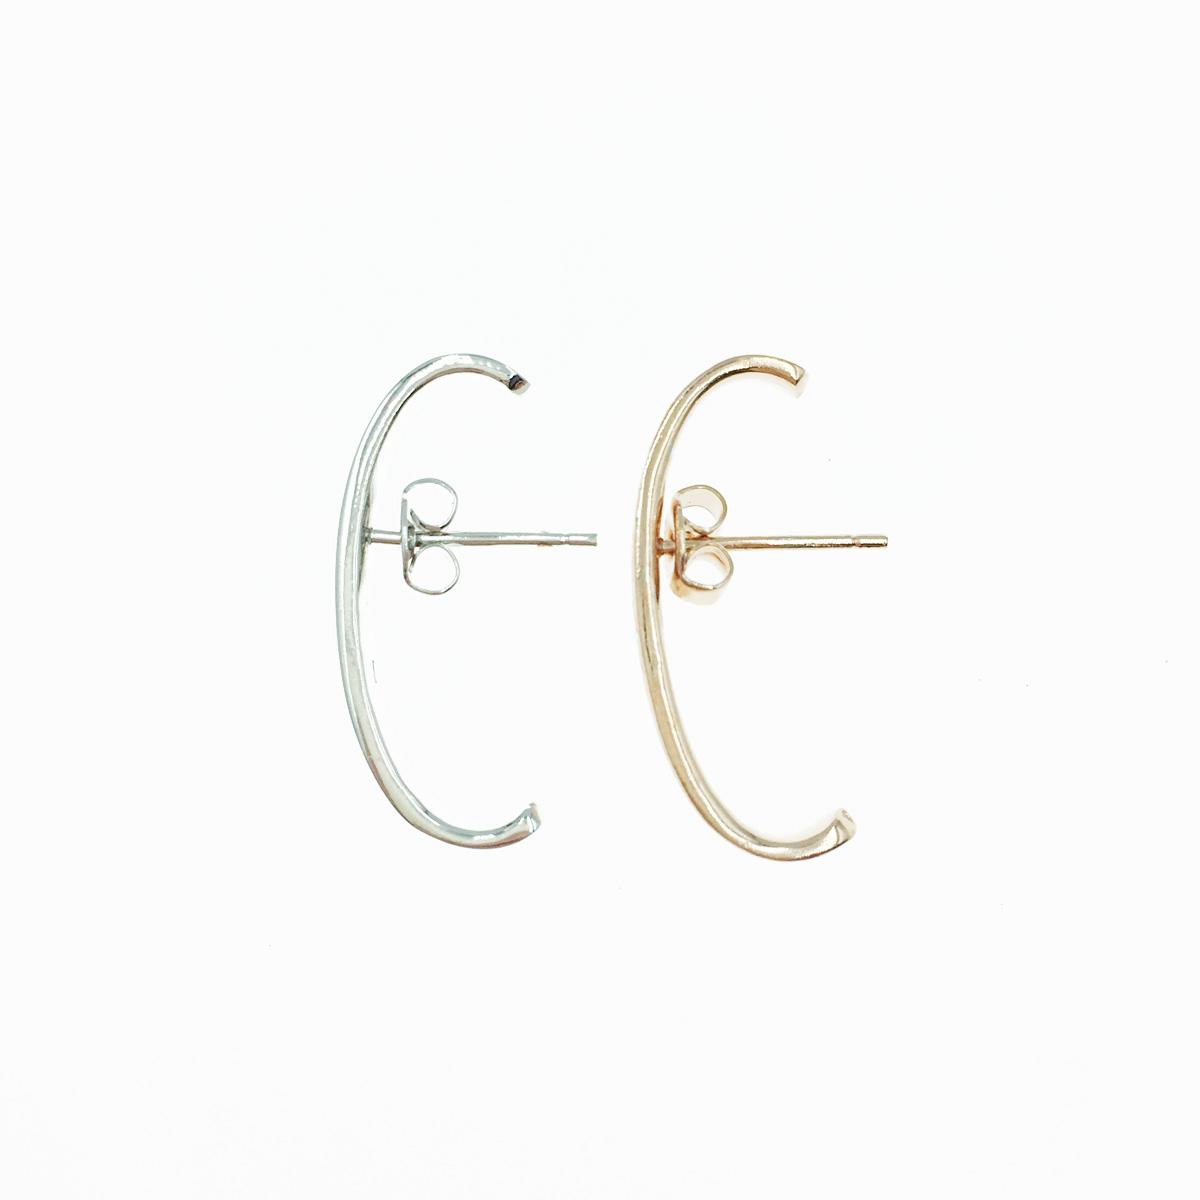 韓國 925純銀 線條感 C環圈 歐美金屬風 2色 耳針式耳環